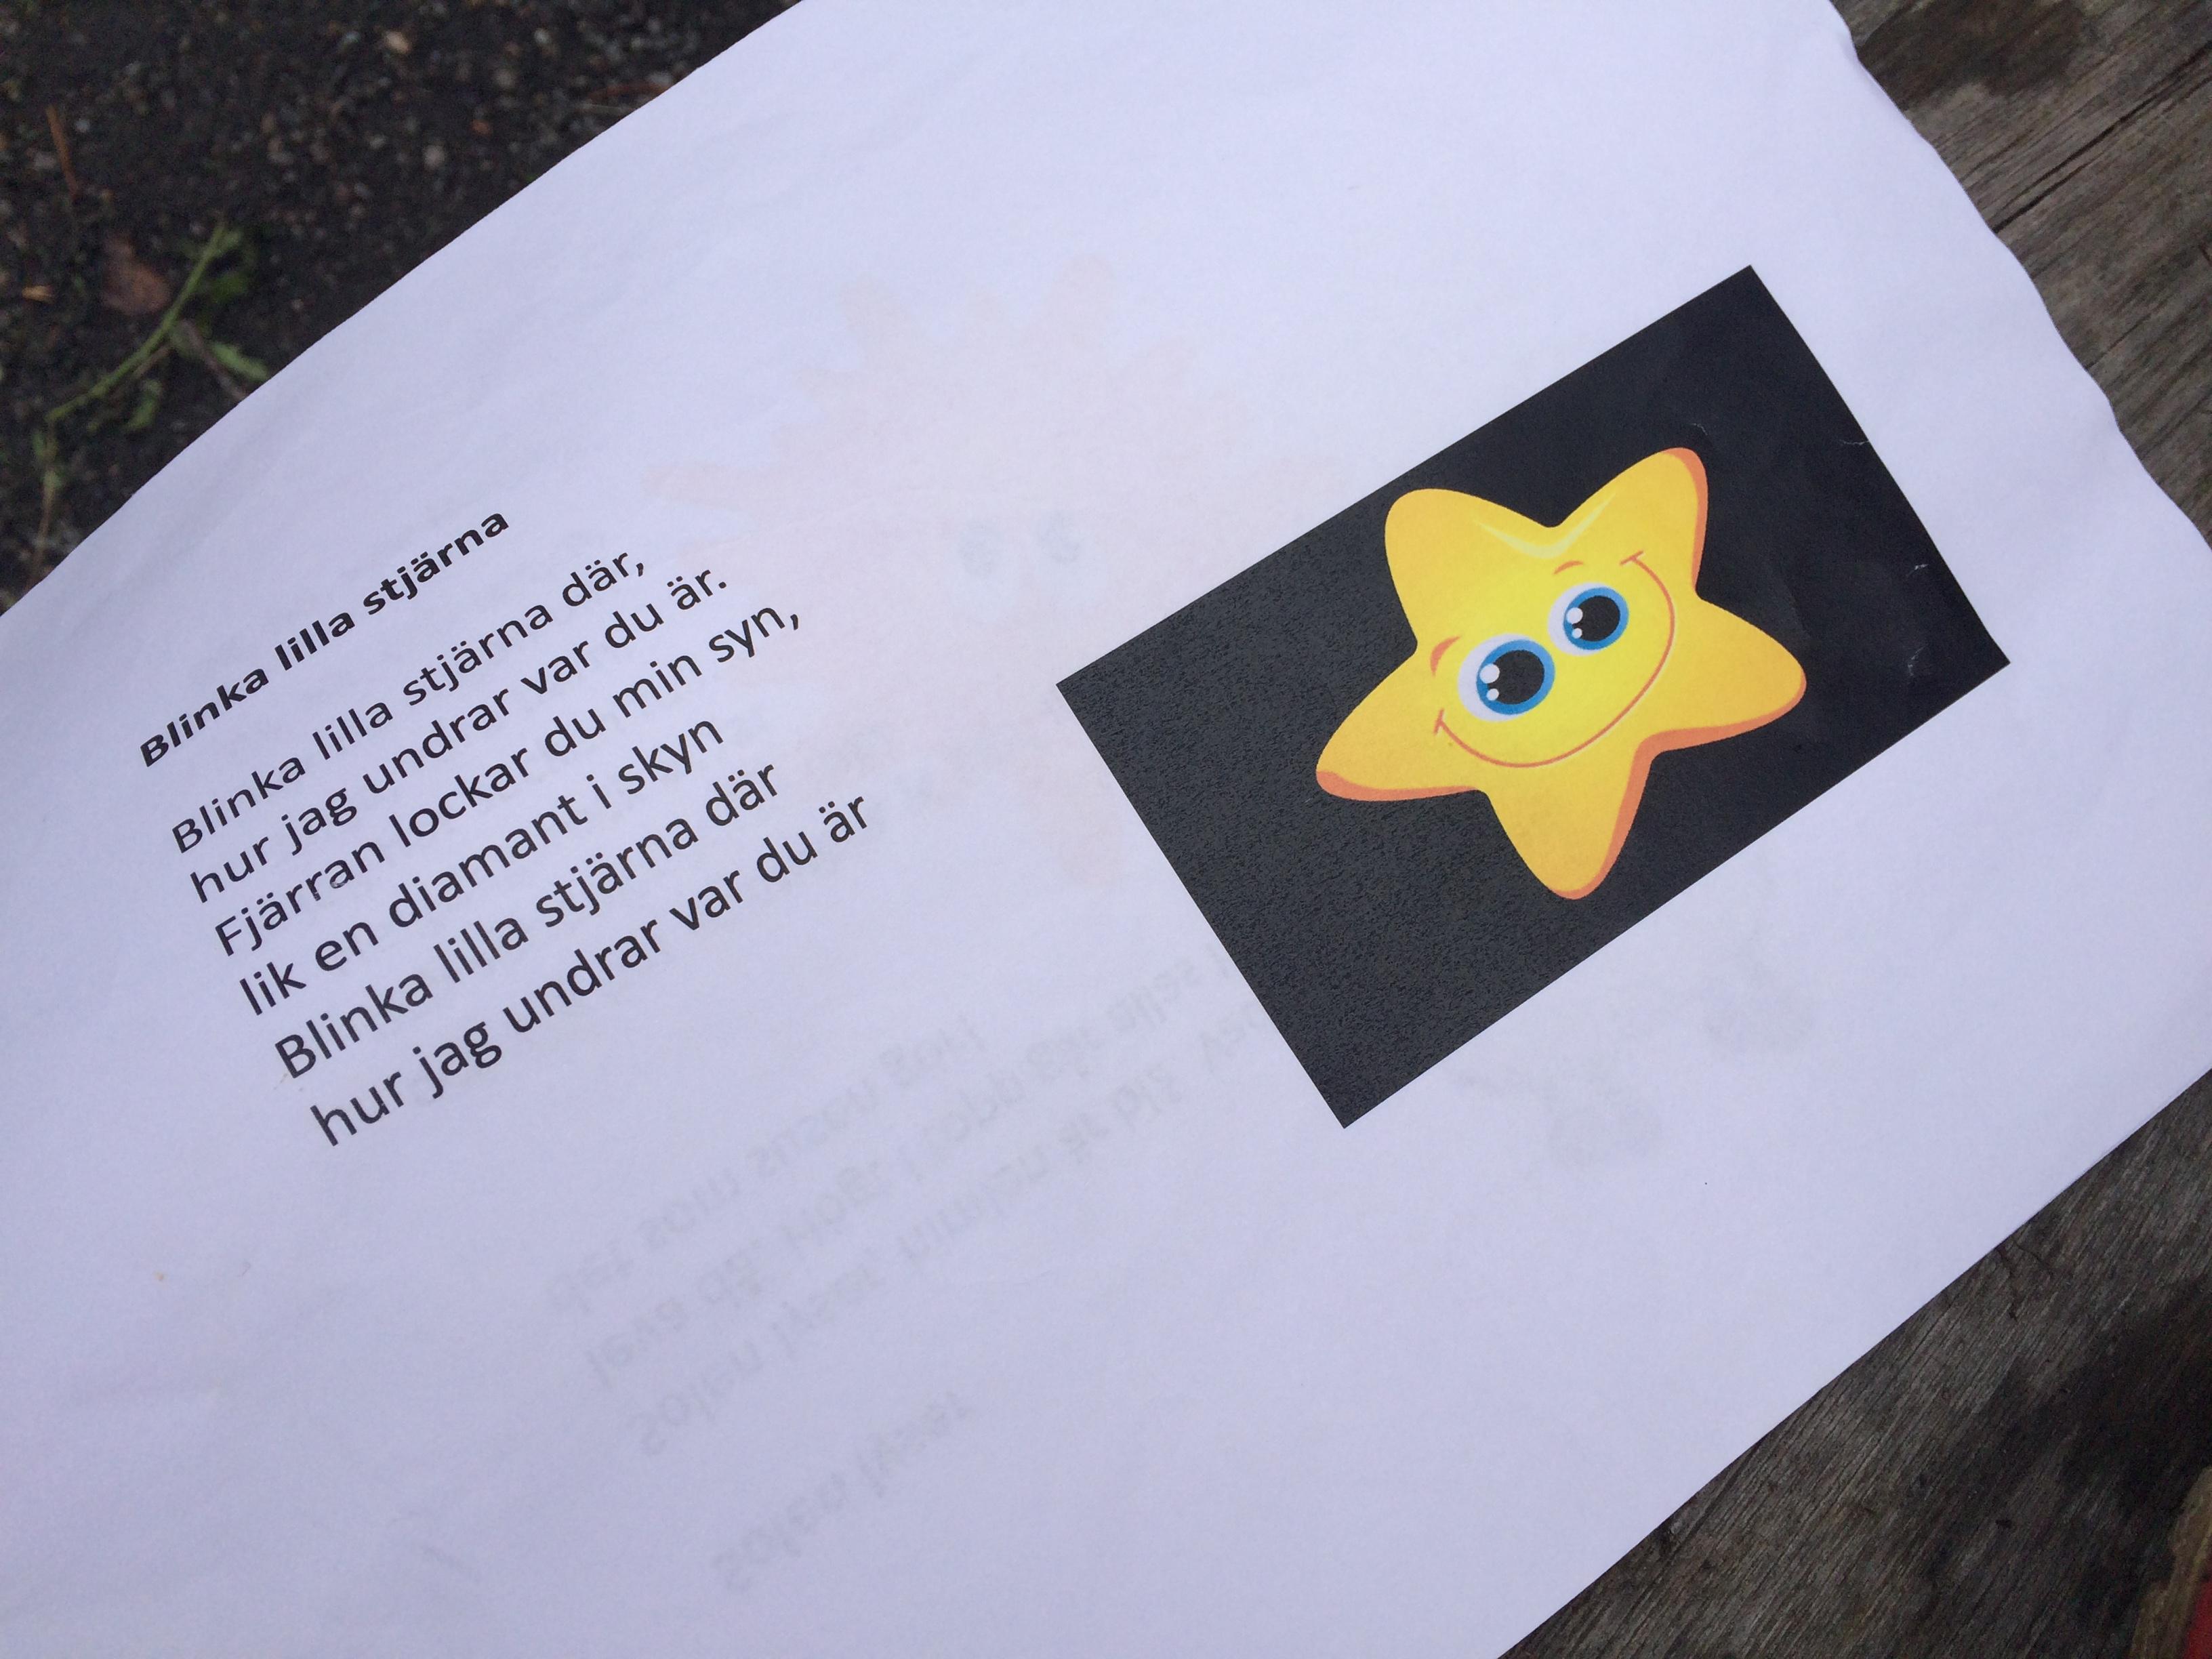 blinka lilla stjärna där på engelska text